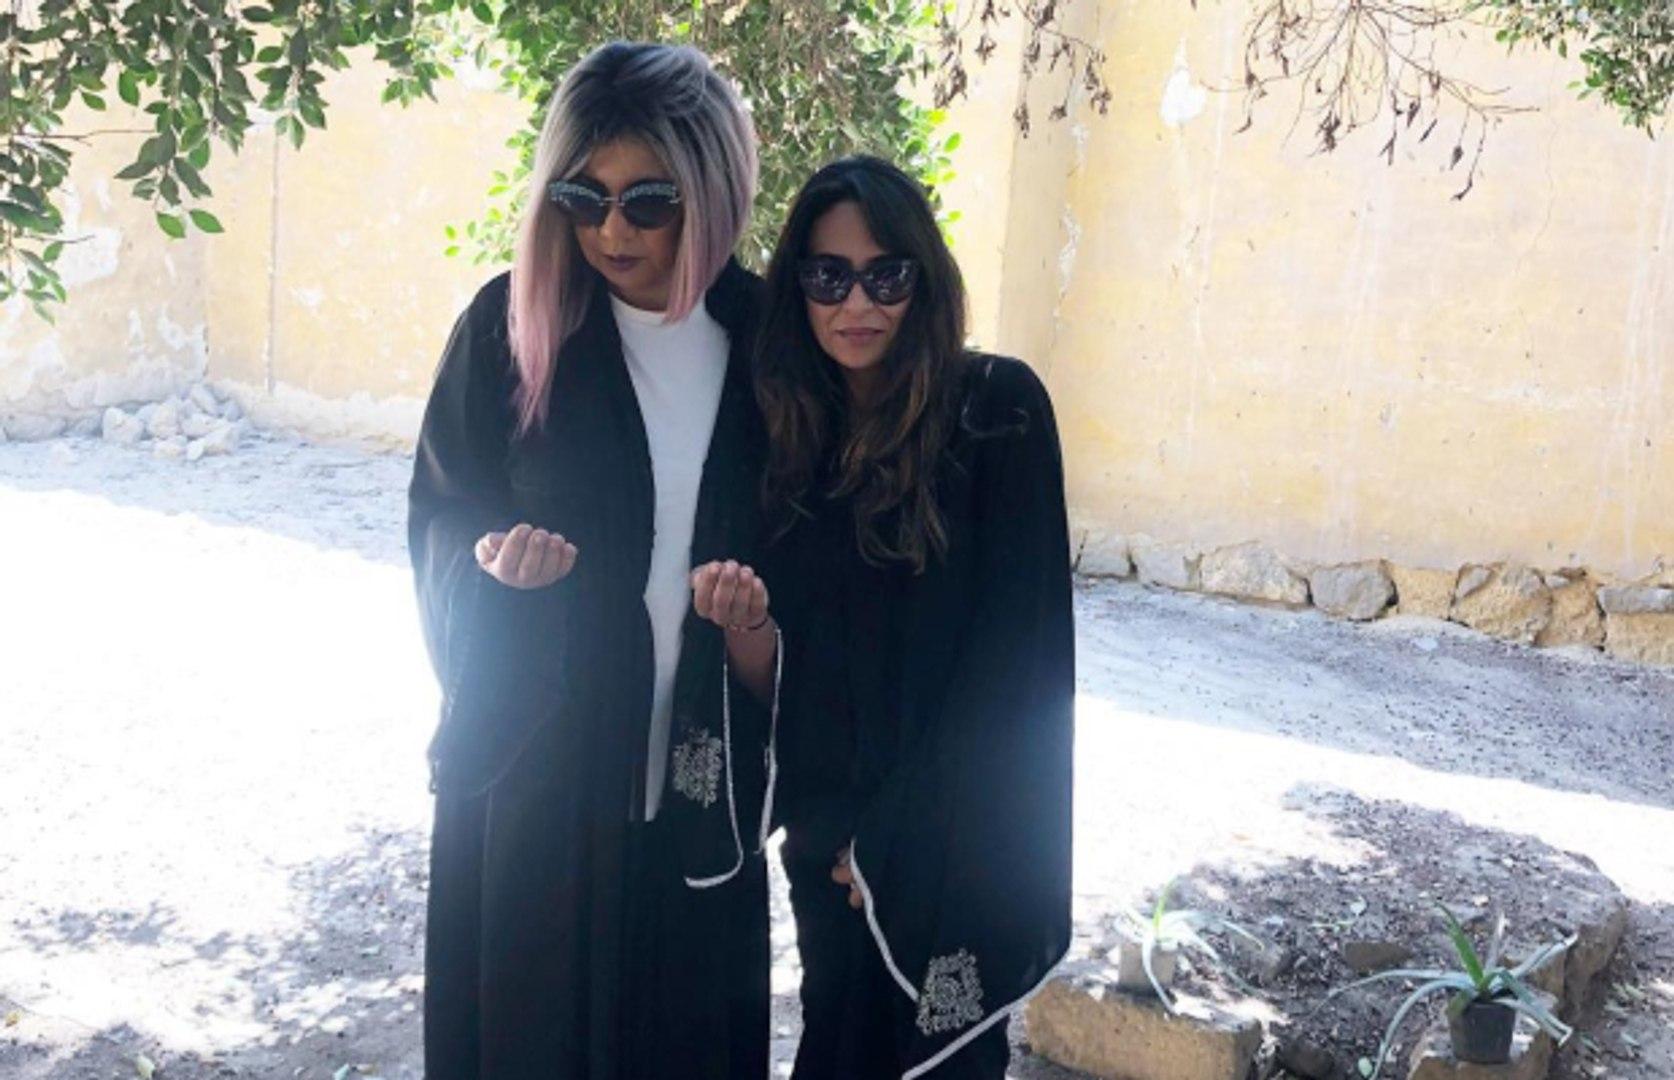 الإعلامية بوسي شلبي وابنة الفنانة ناهد شريف أمام قبر الراحلة (الحساب الرسمي لبوسي شلبي على إنستغرام)